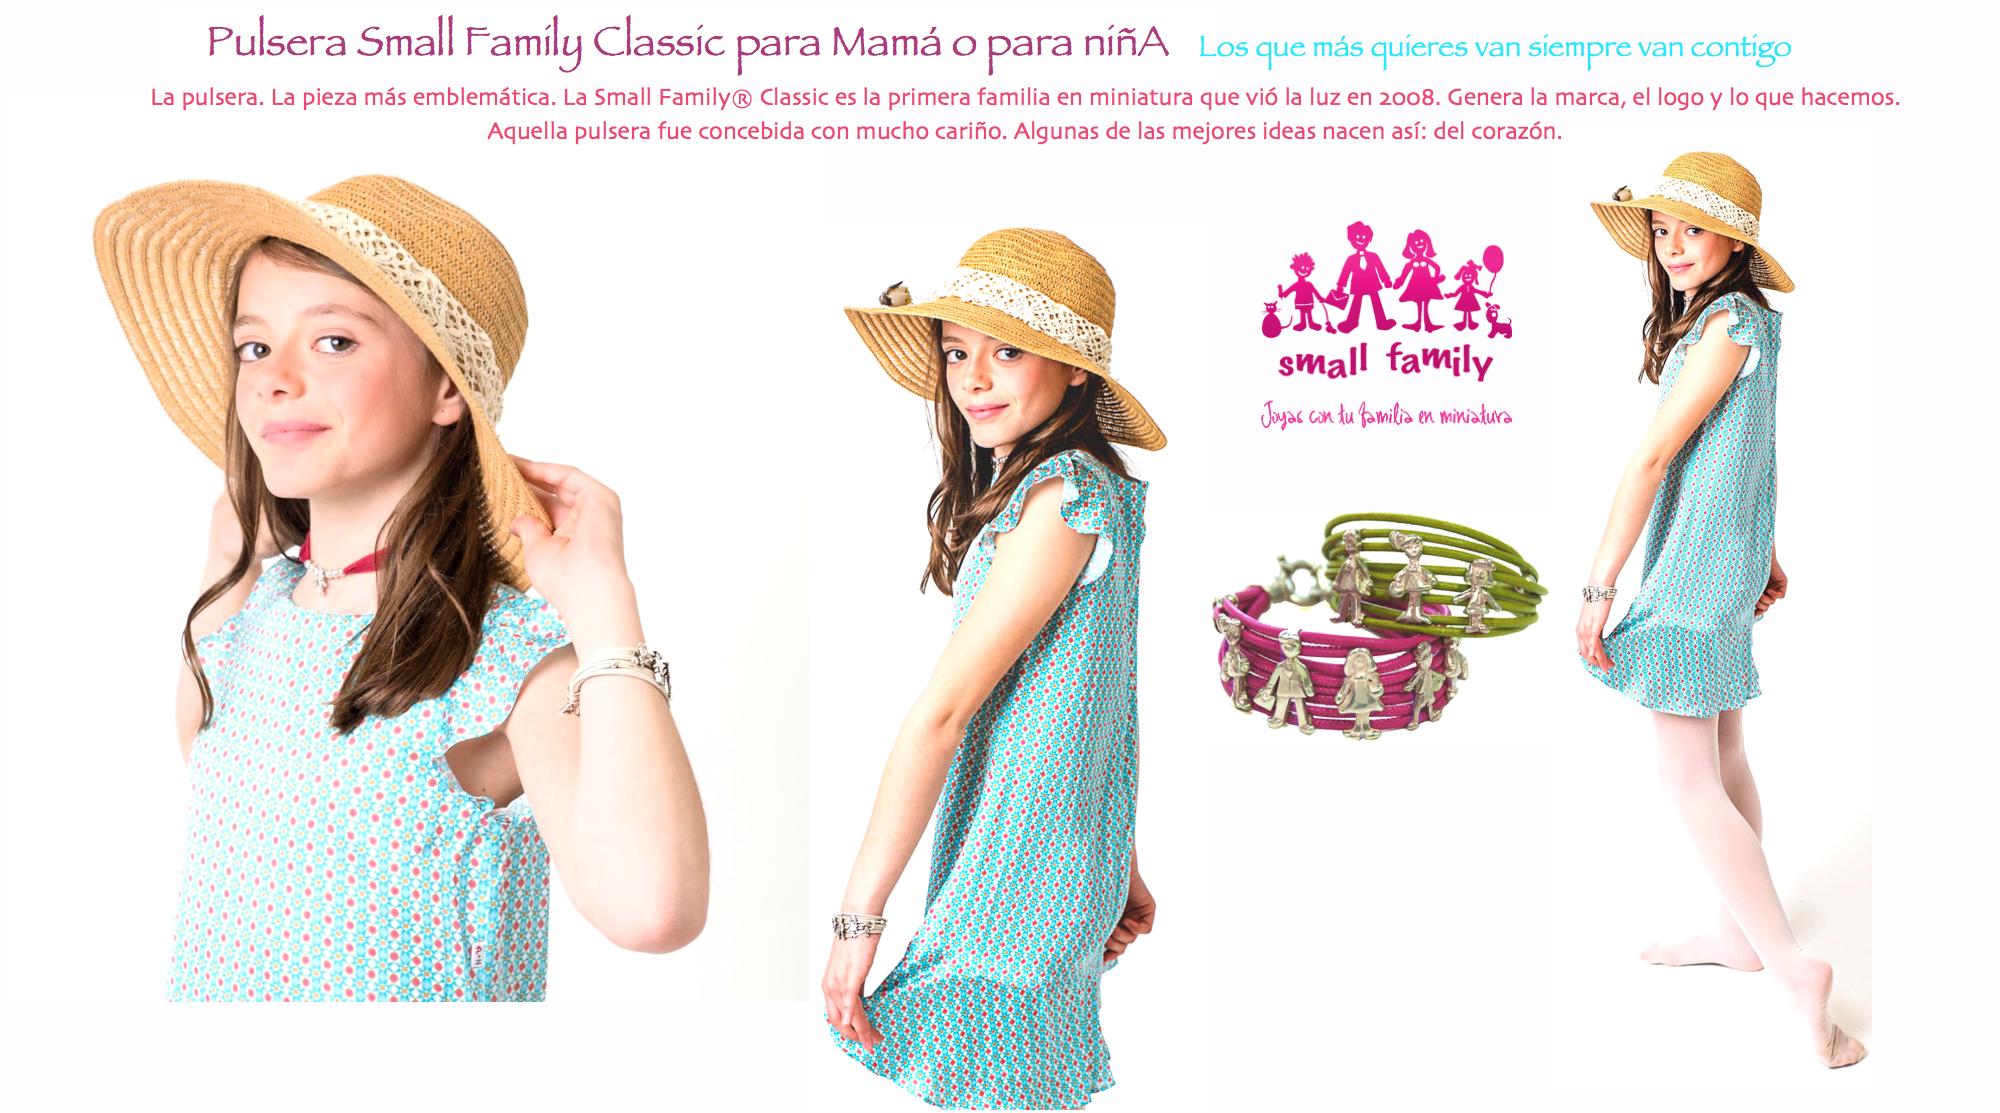 Pulsera Small Family Classic